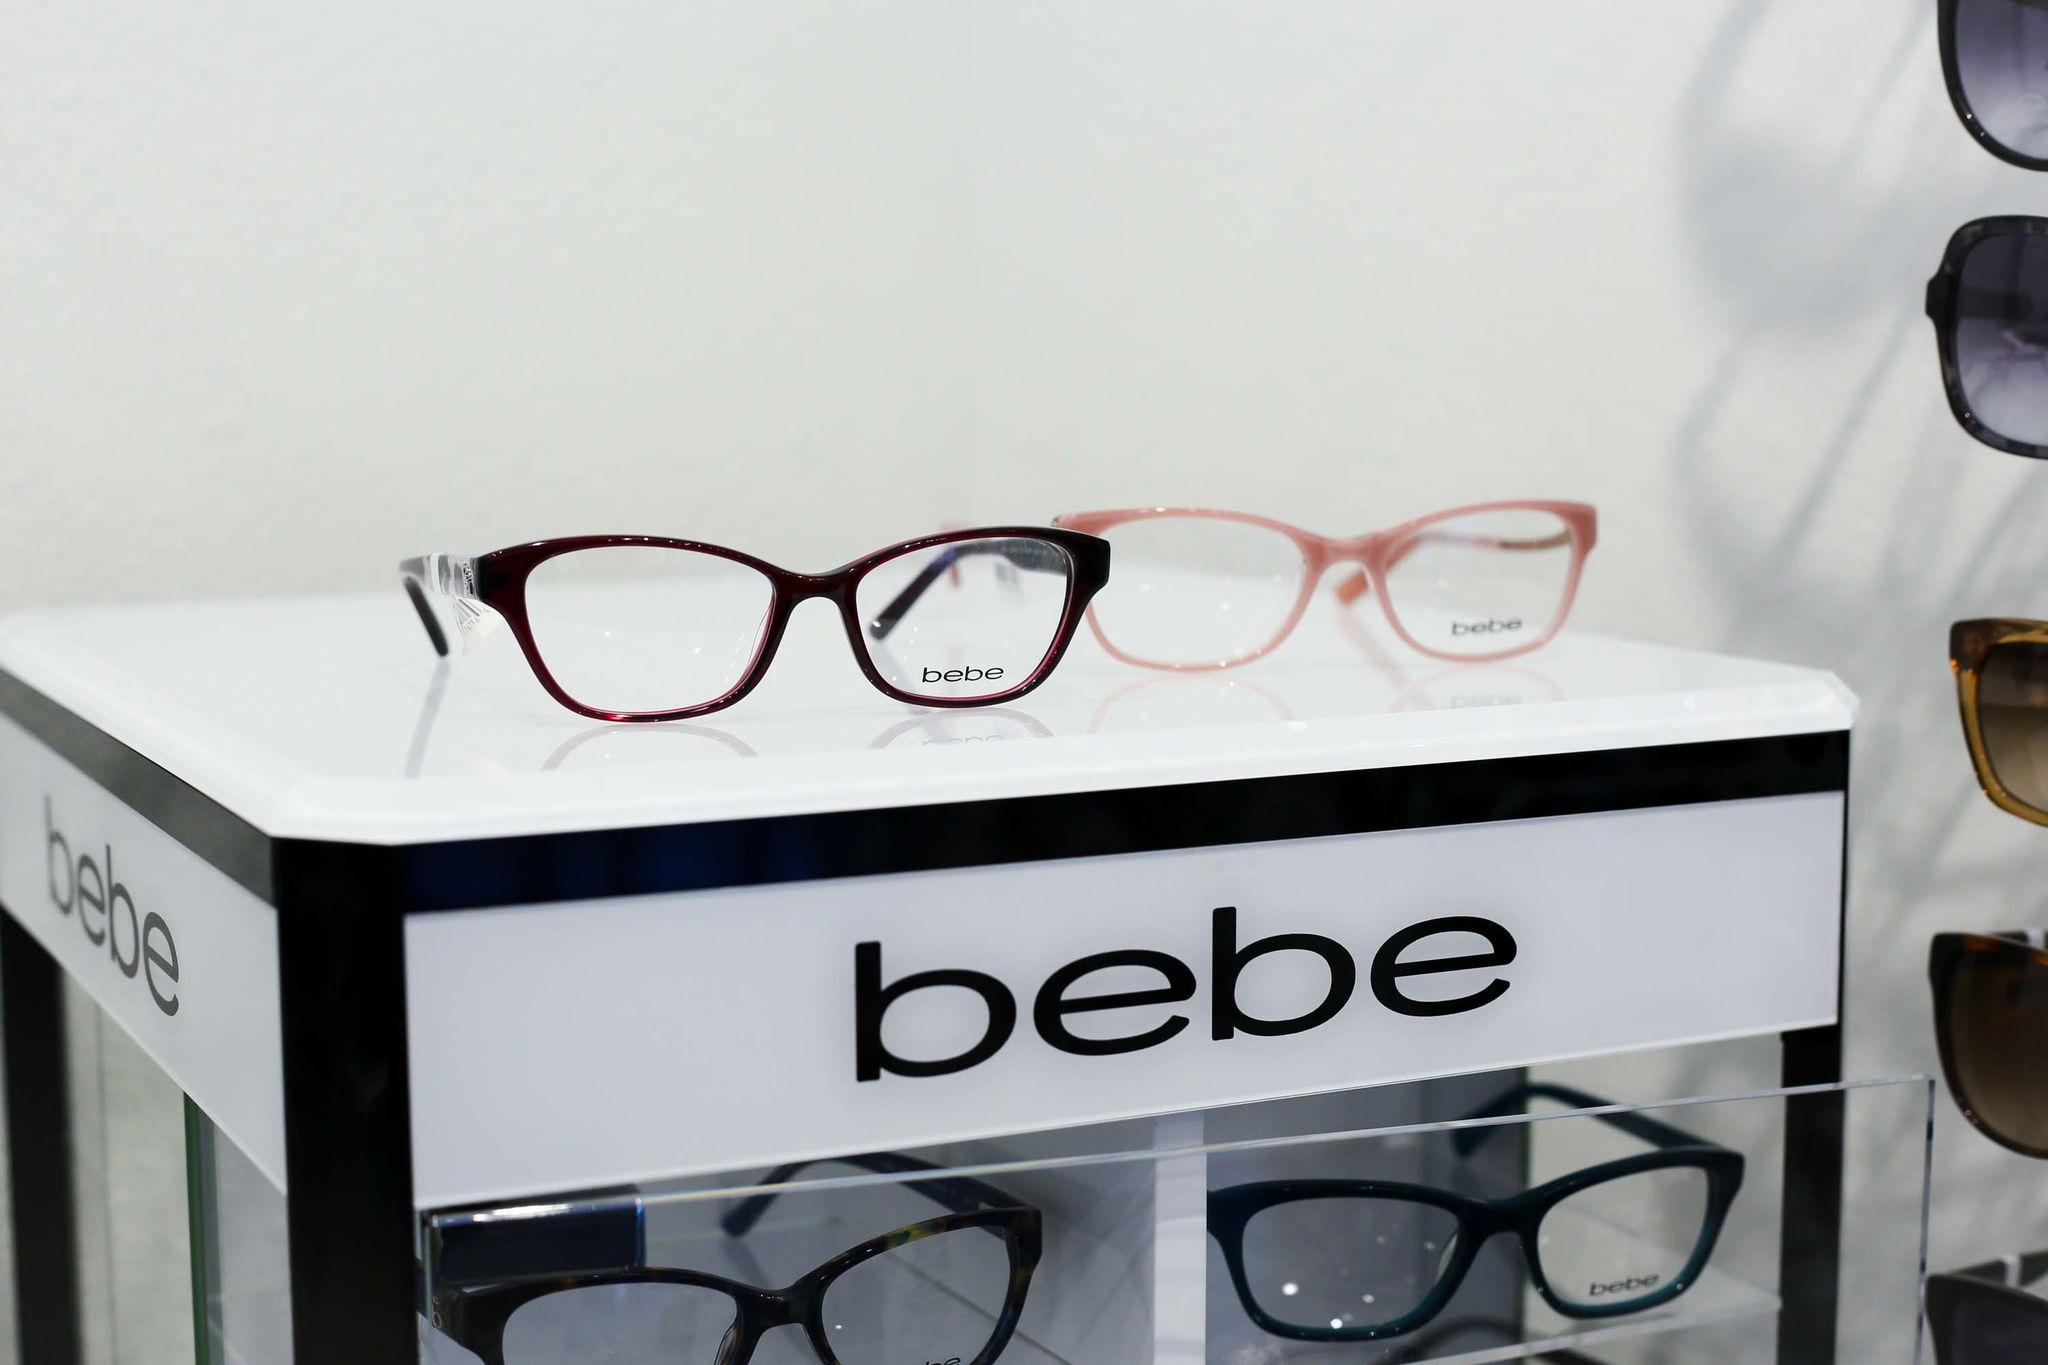 bebe display